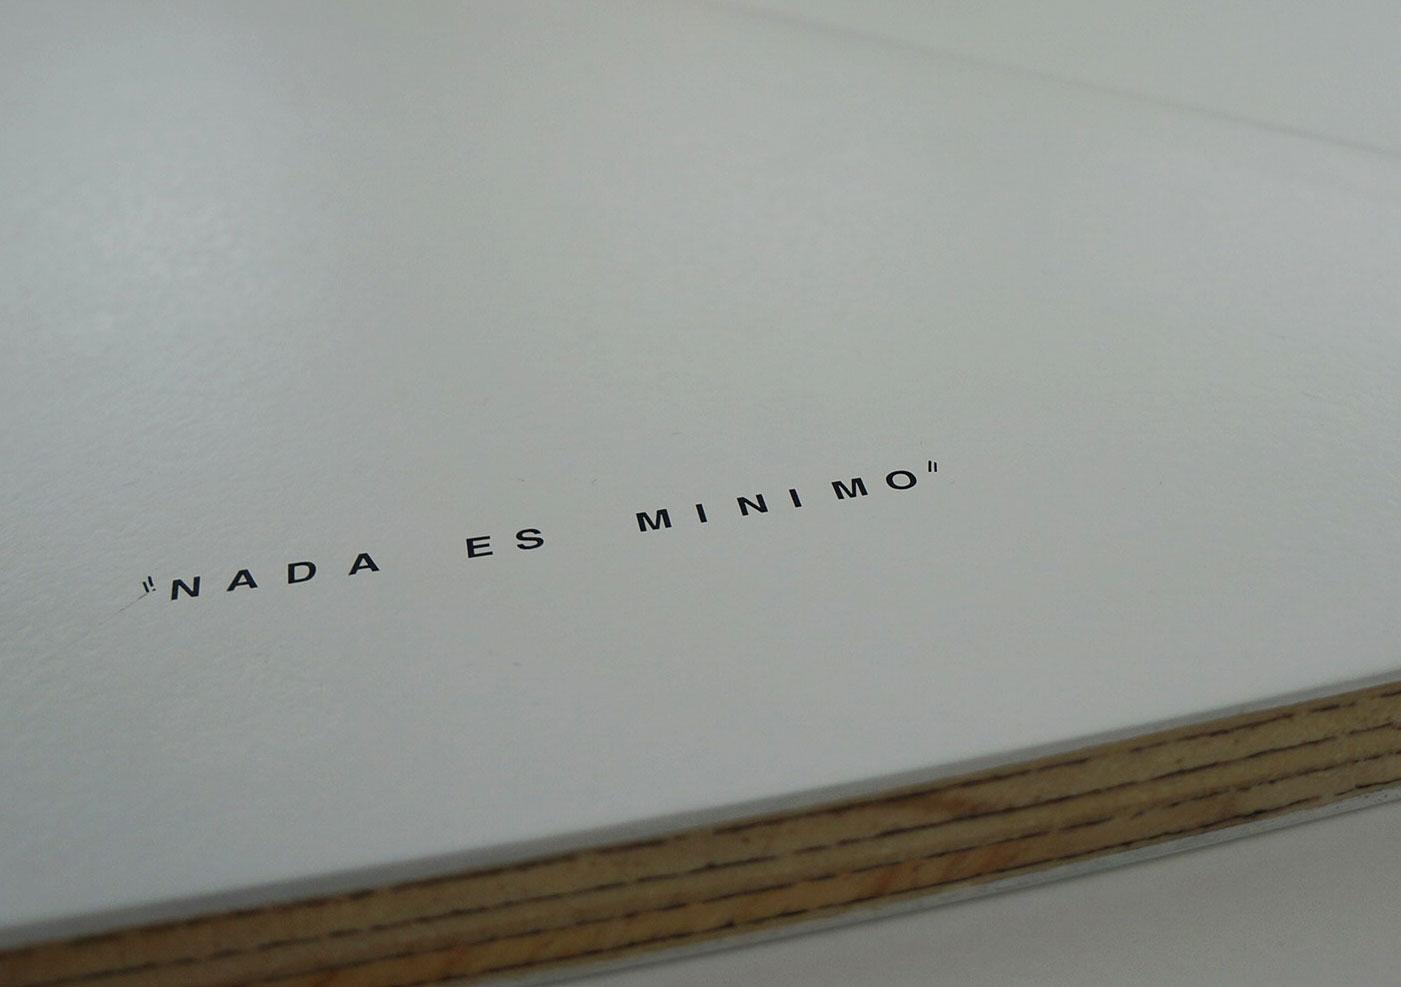 w-nada-es-minimo.jpg